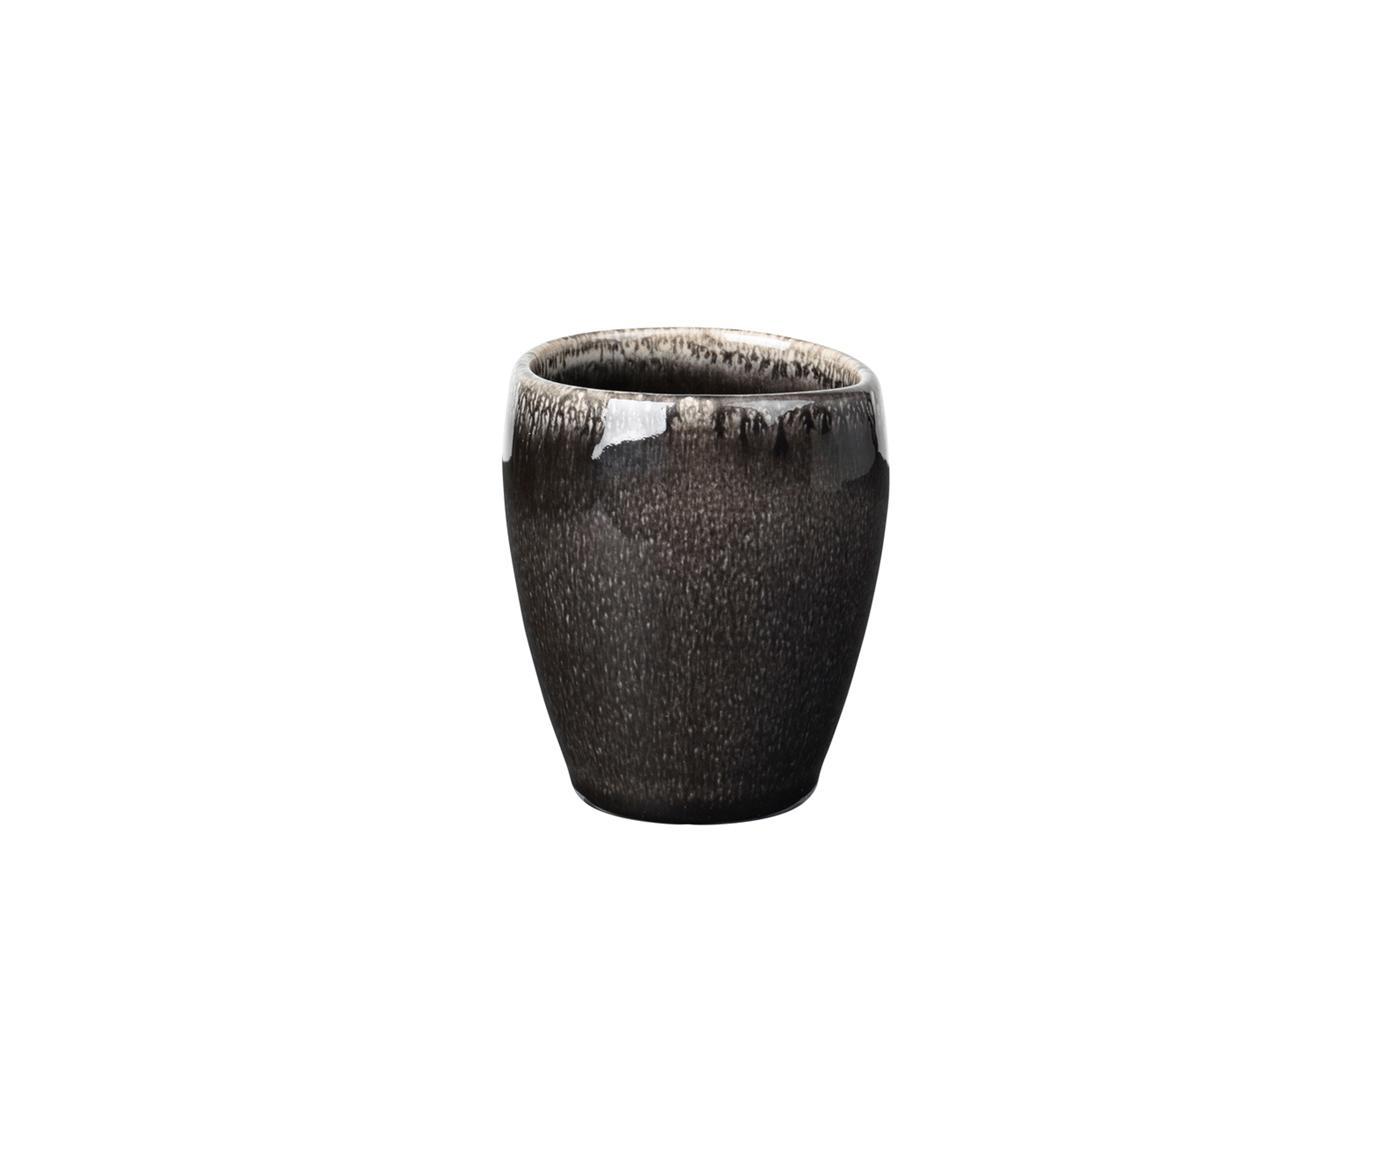 Tazza da caffè fatta a mano Nordic Coal 6 pz, Terracotta, Marrone scuro, Ø 7 x Alt. 8 cm